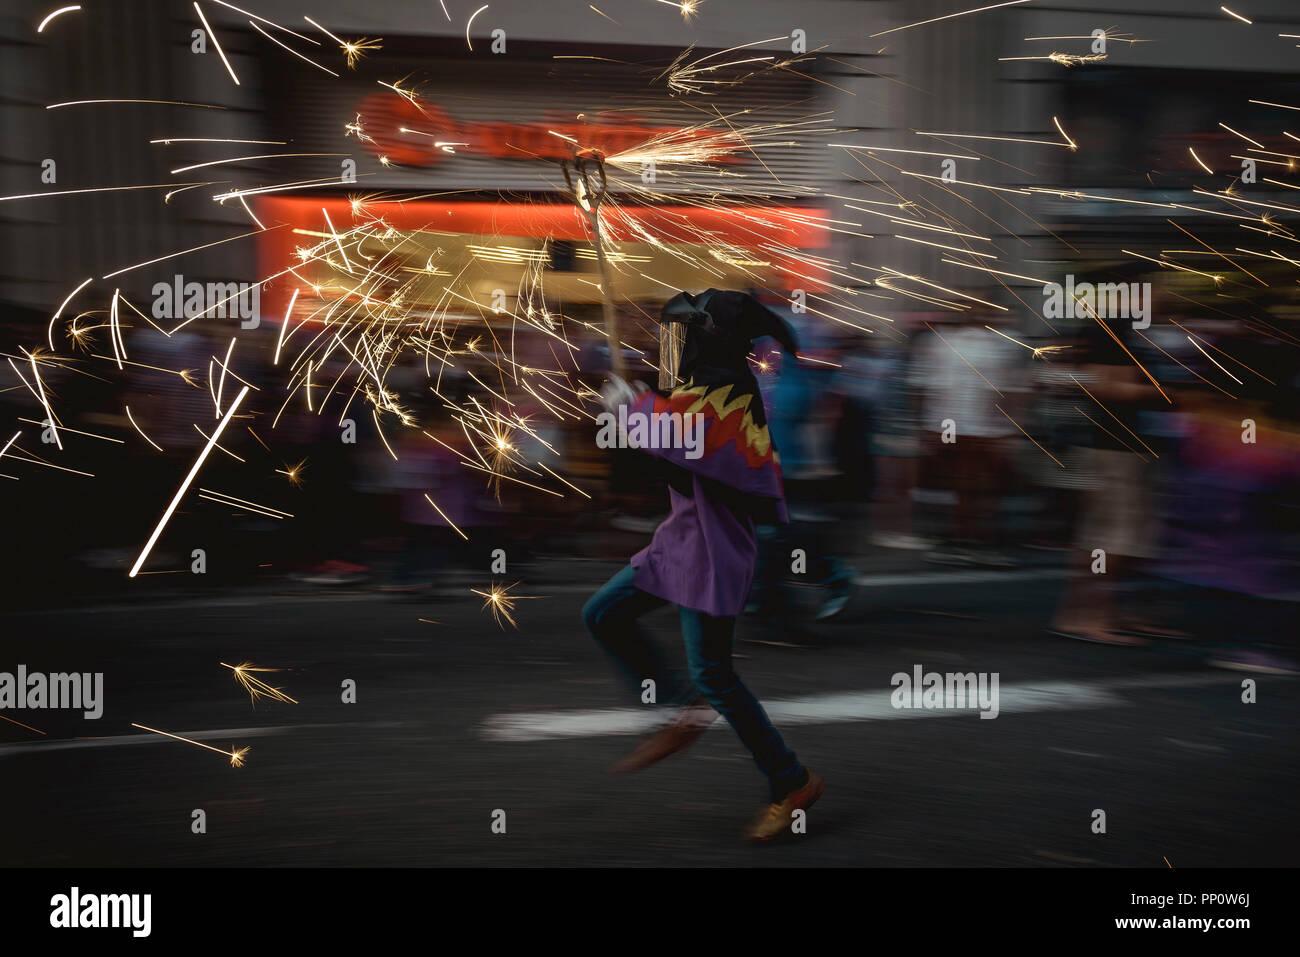 """Barcelona, España. El 22 de septiembre, 2018: """"correfocs"""" (fire deslizaderas) desactivar sus fuegos artificiales durante la Fiesta Mayor de Barcelona (festival principal), La Merce Crédito: Matthias Oesterle/Alamy Live News Foto de stock"""